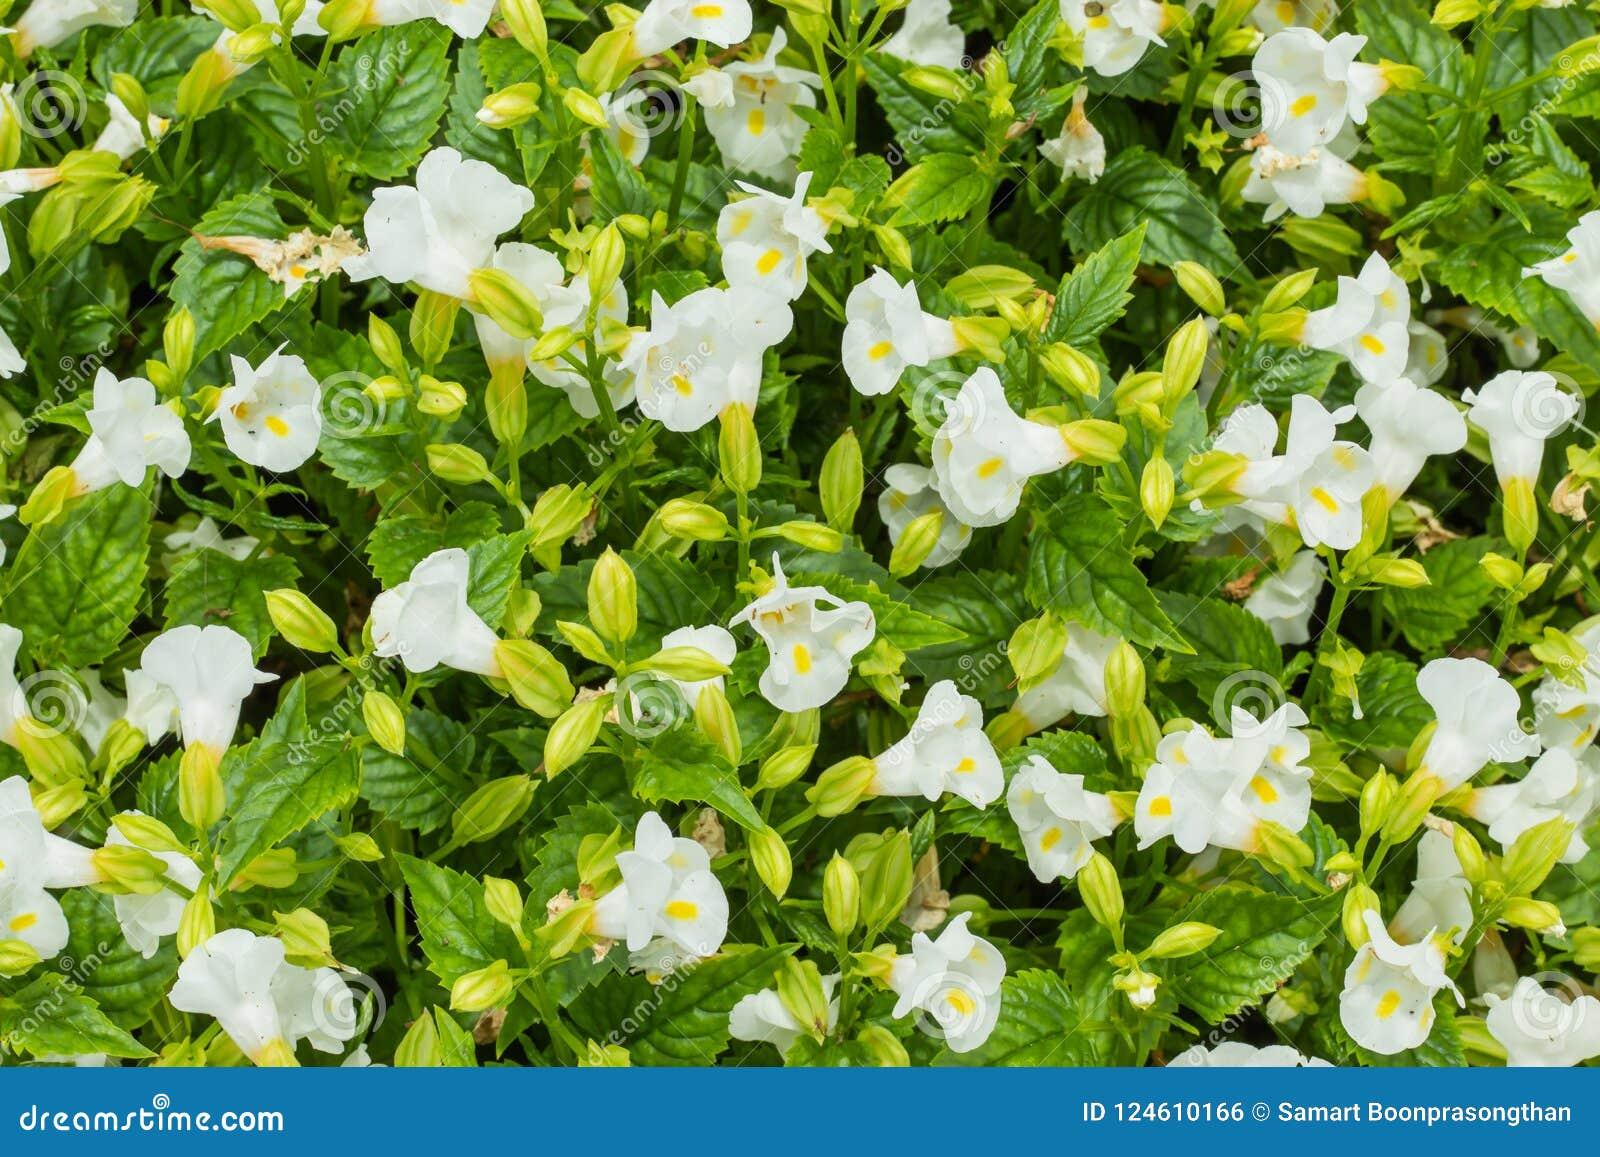 White Moon Torenia Flower in garden.